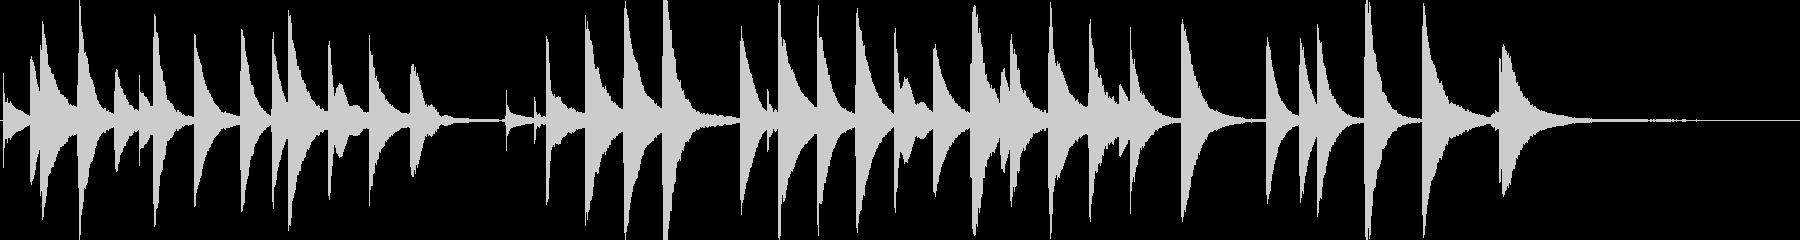 誕生日おめでとう(オルゴール)の未再生の波形